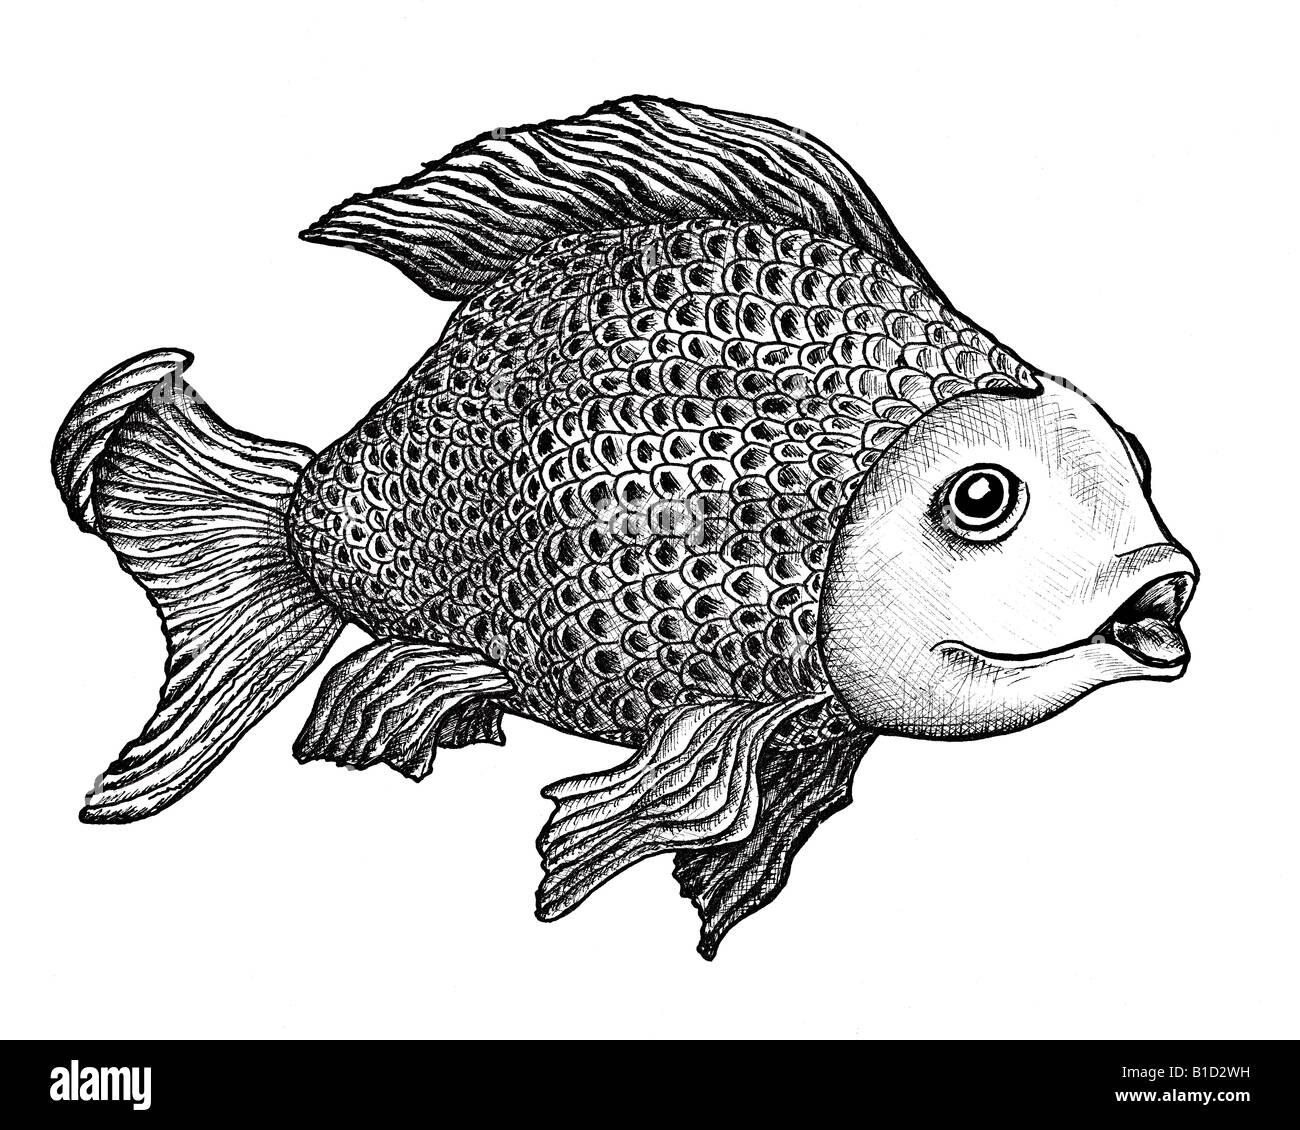 Disegno a inchiostro di una carpa di grandi dimensioni con un enigmatico espressione sul viso Immagini Stock